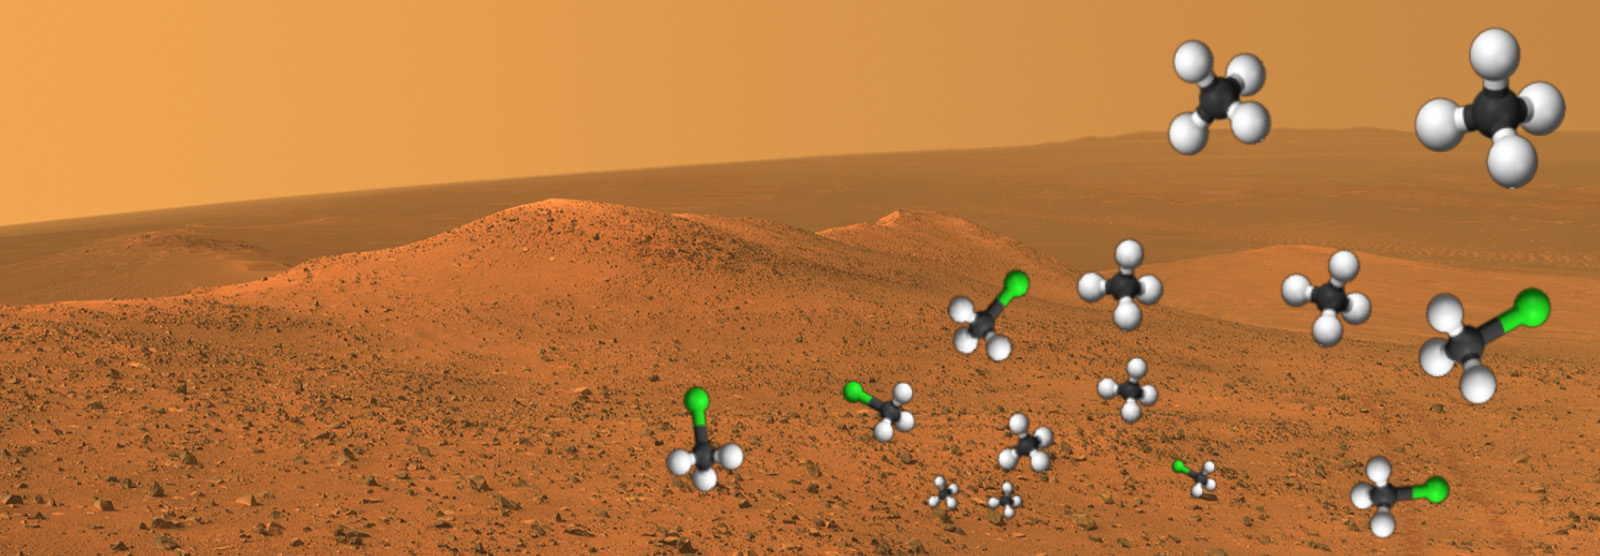 Μεθάνιο στον Άρη: Μια νέα διεργασία που εξηγεί την προέλευσή του!